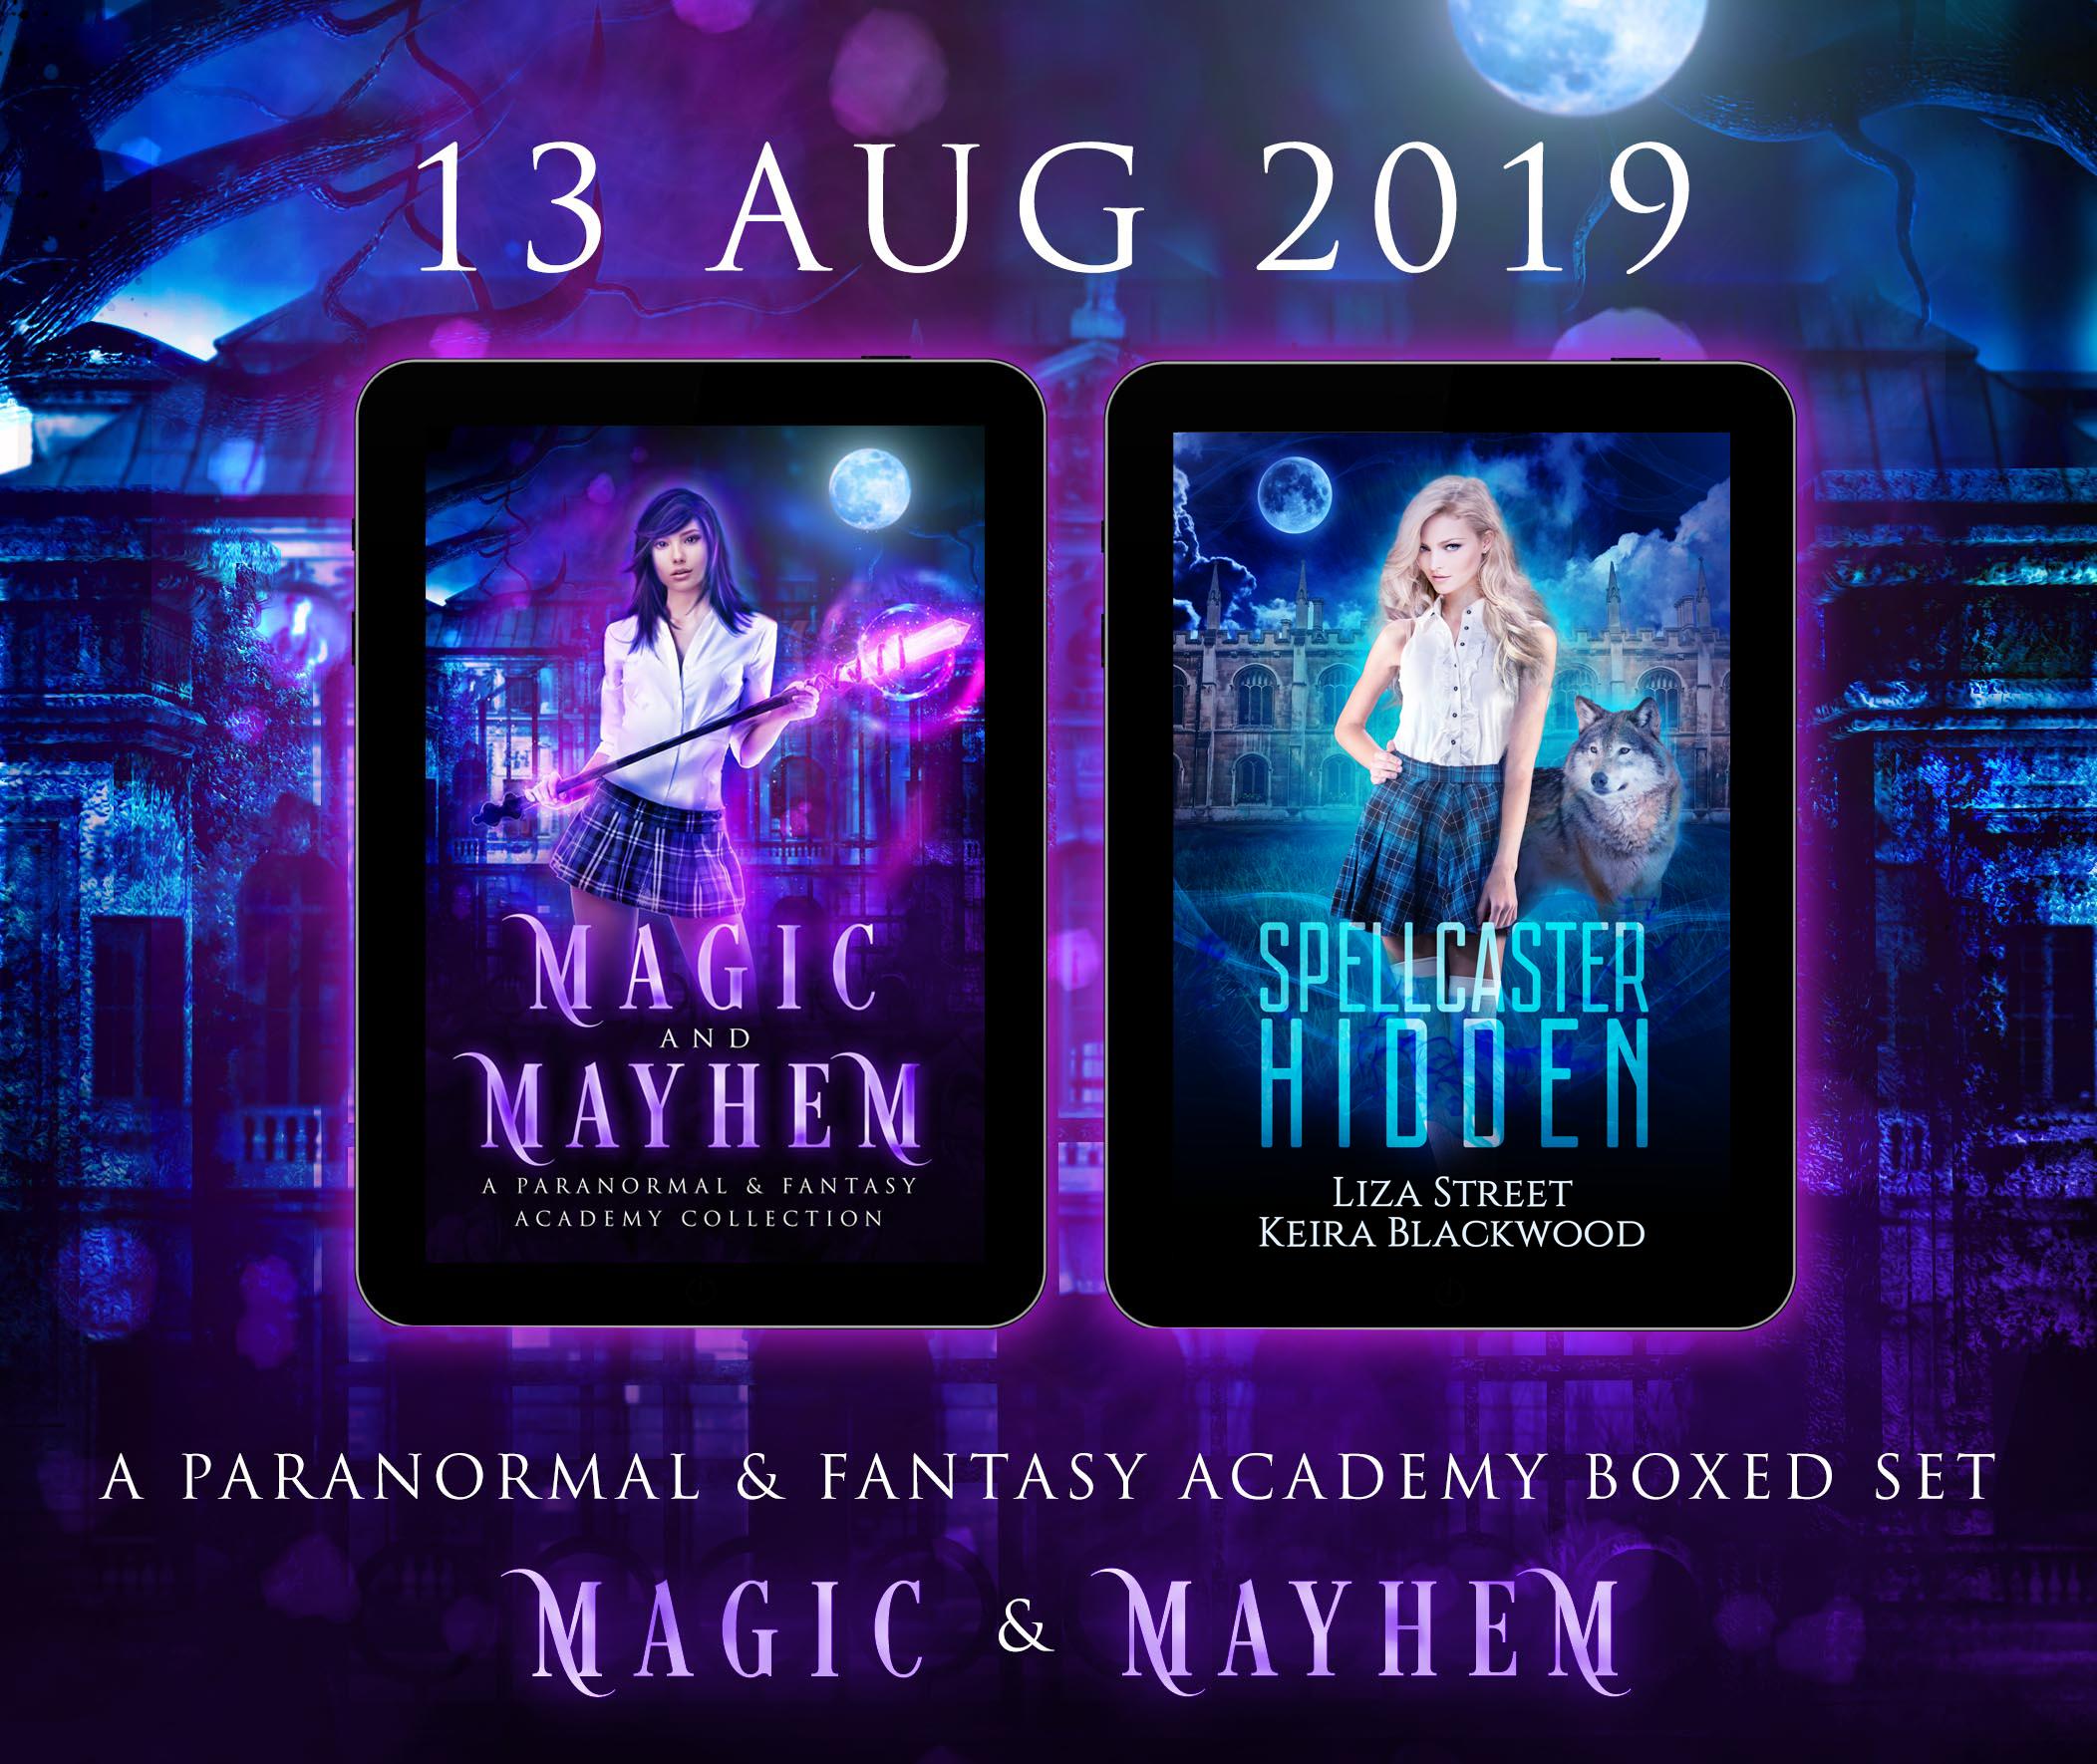 magic and mayhem spellcaster hidden